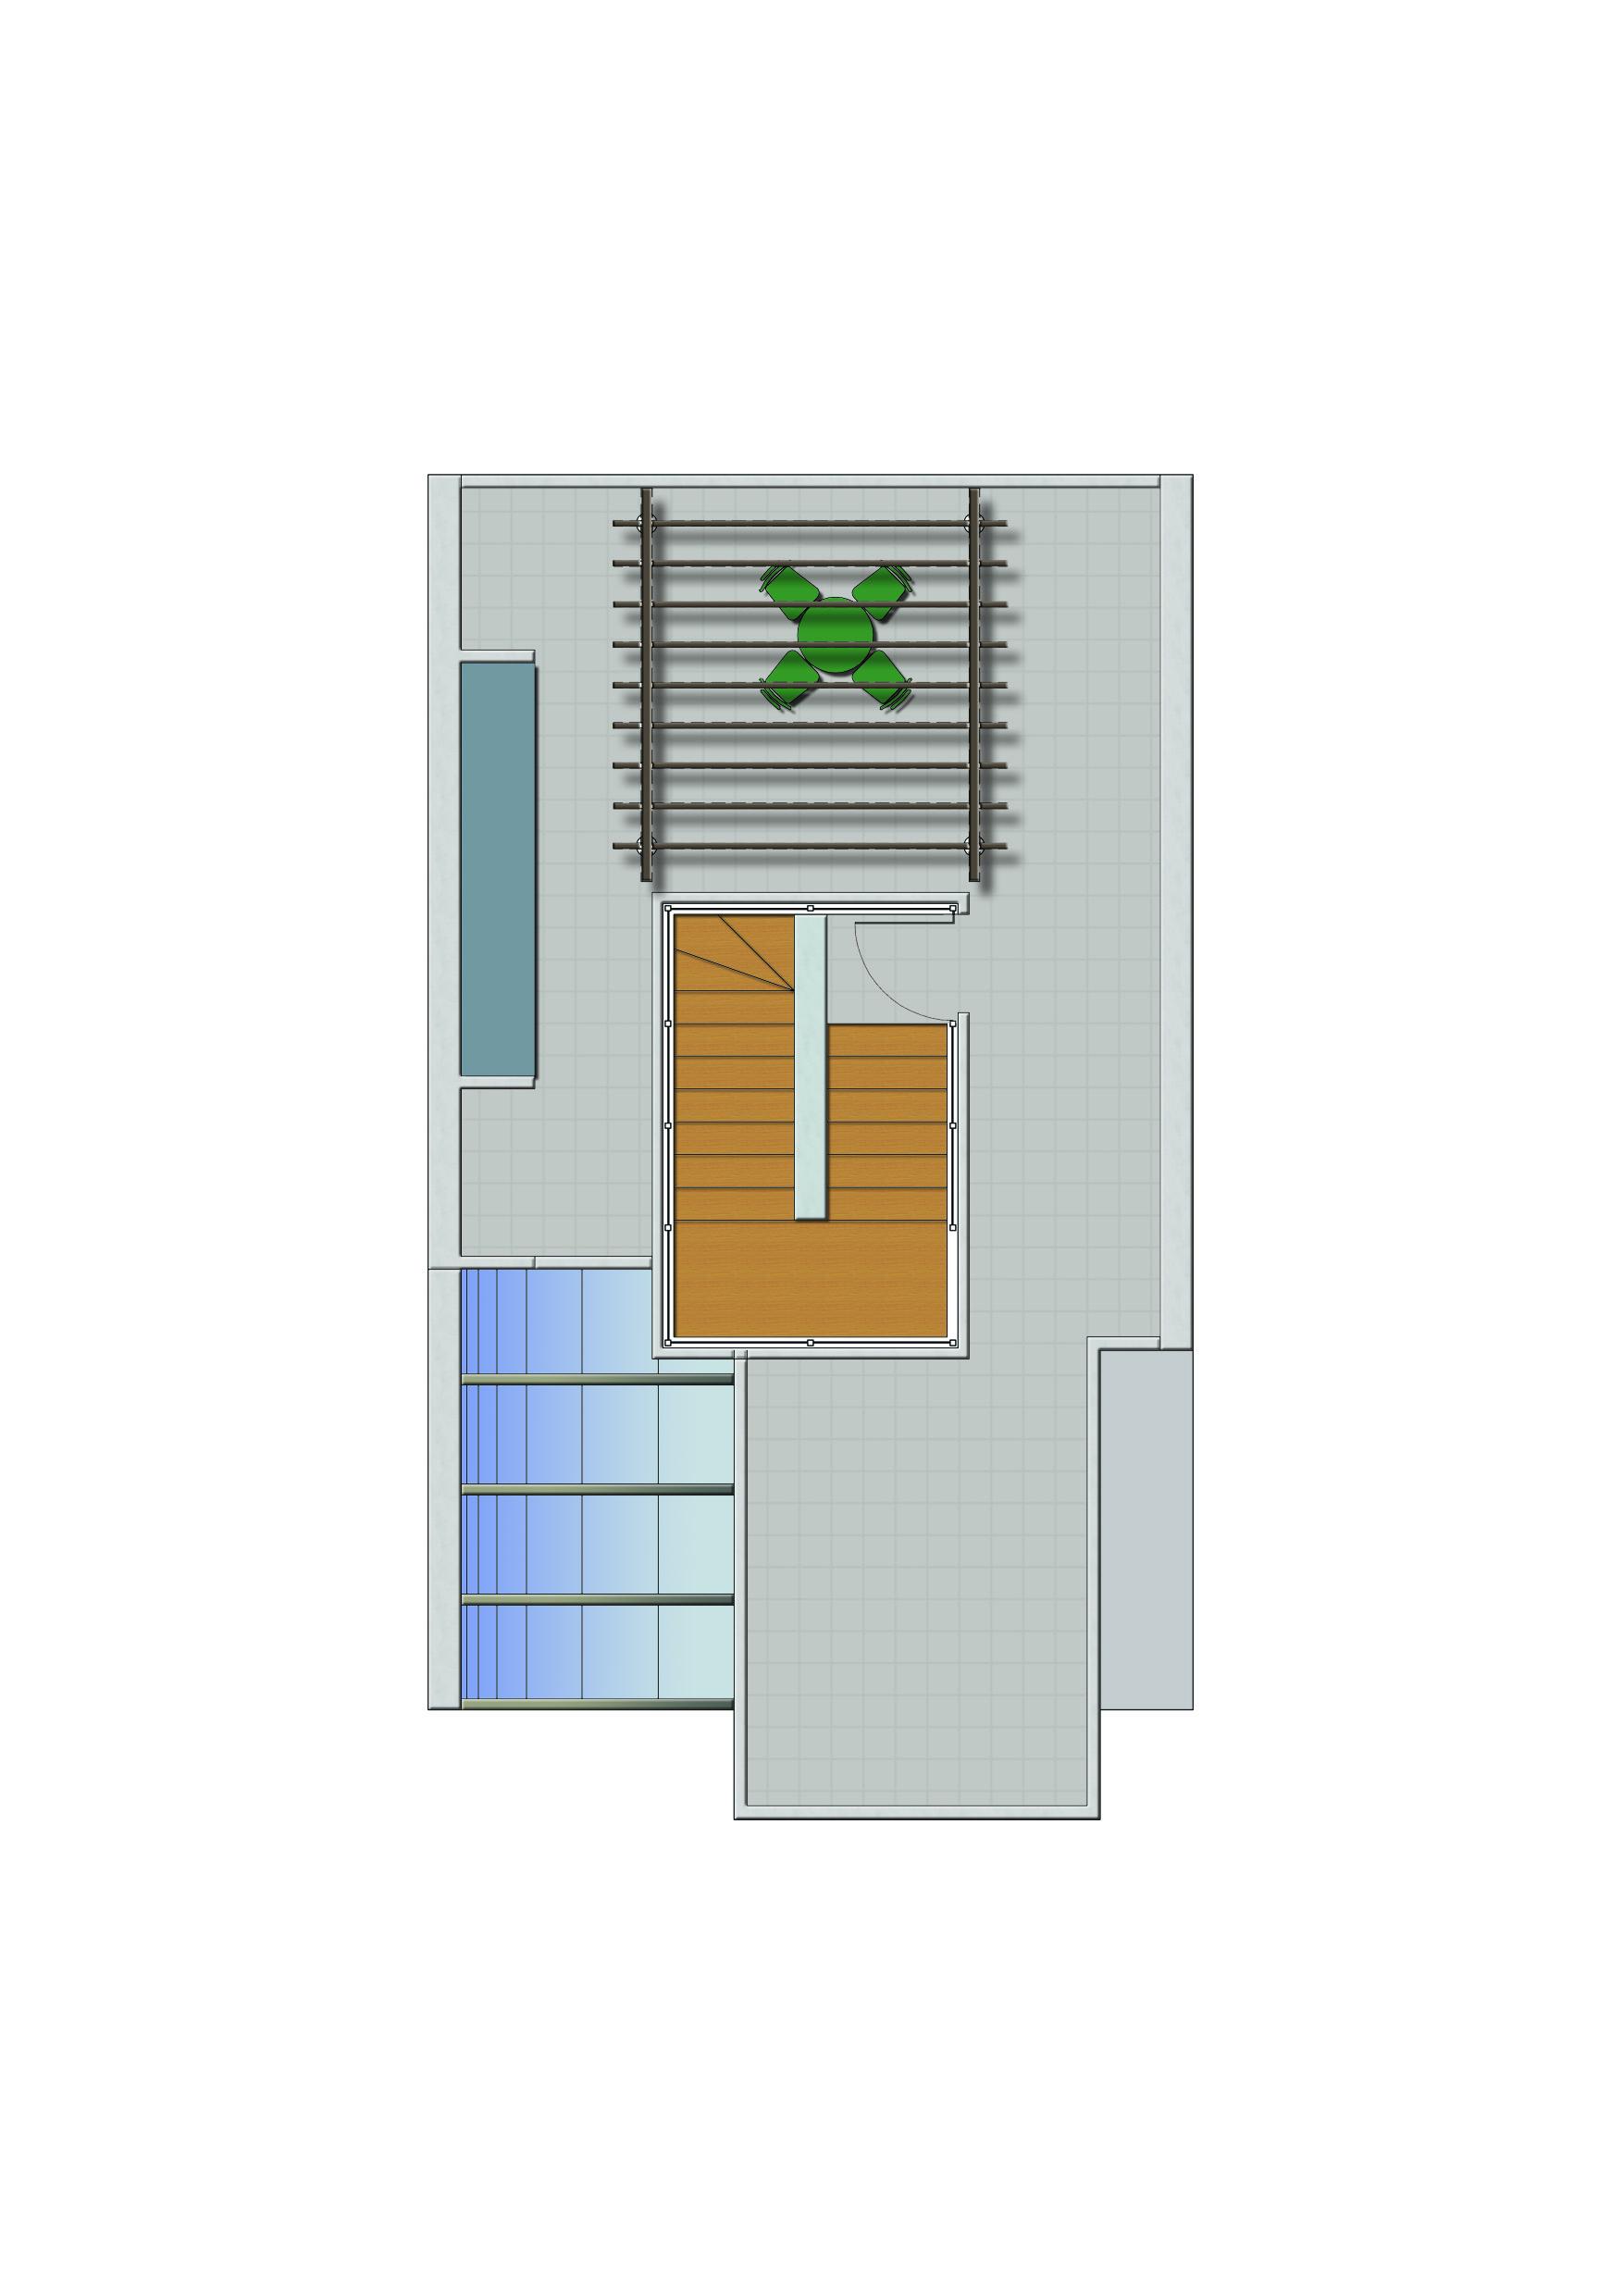 progettazione area mensa di un ufficio